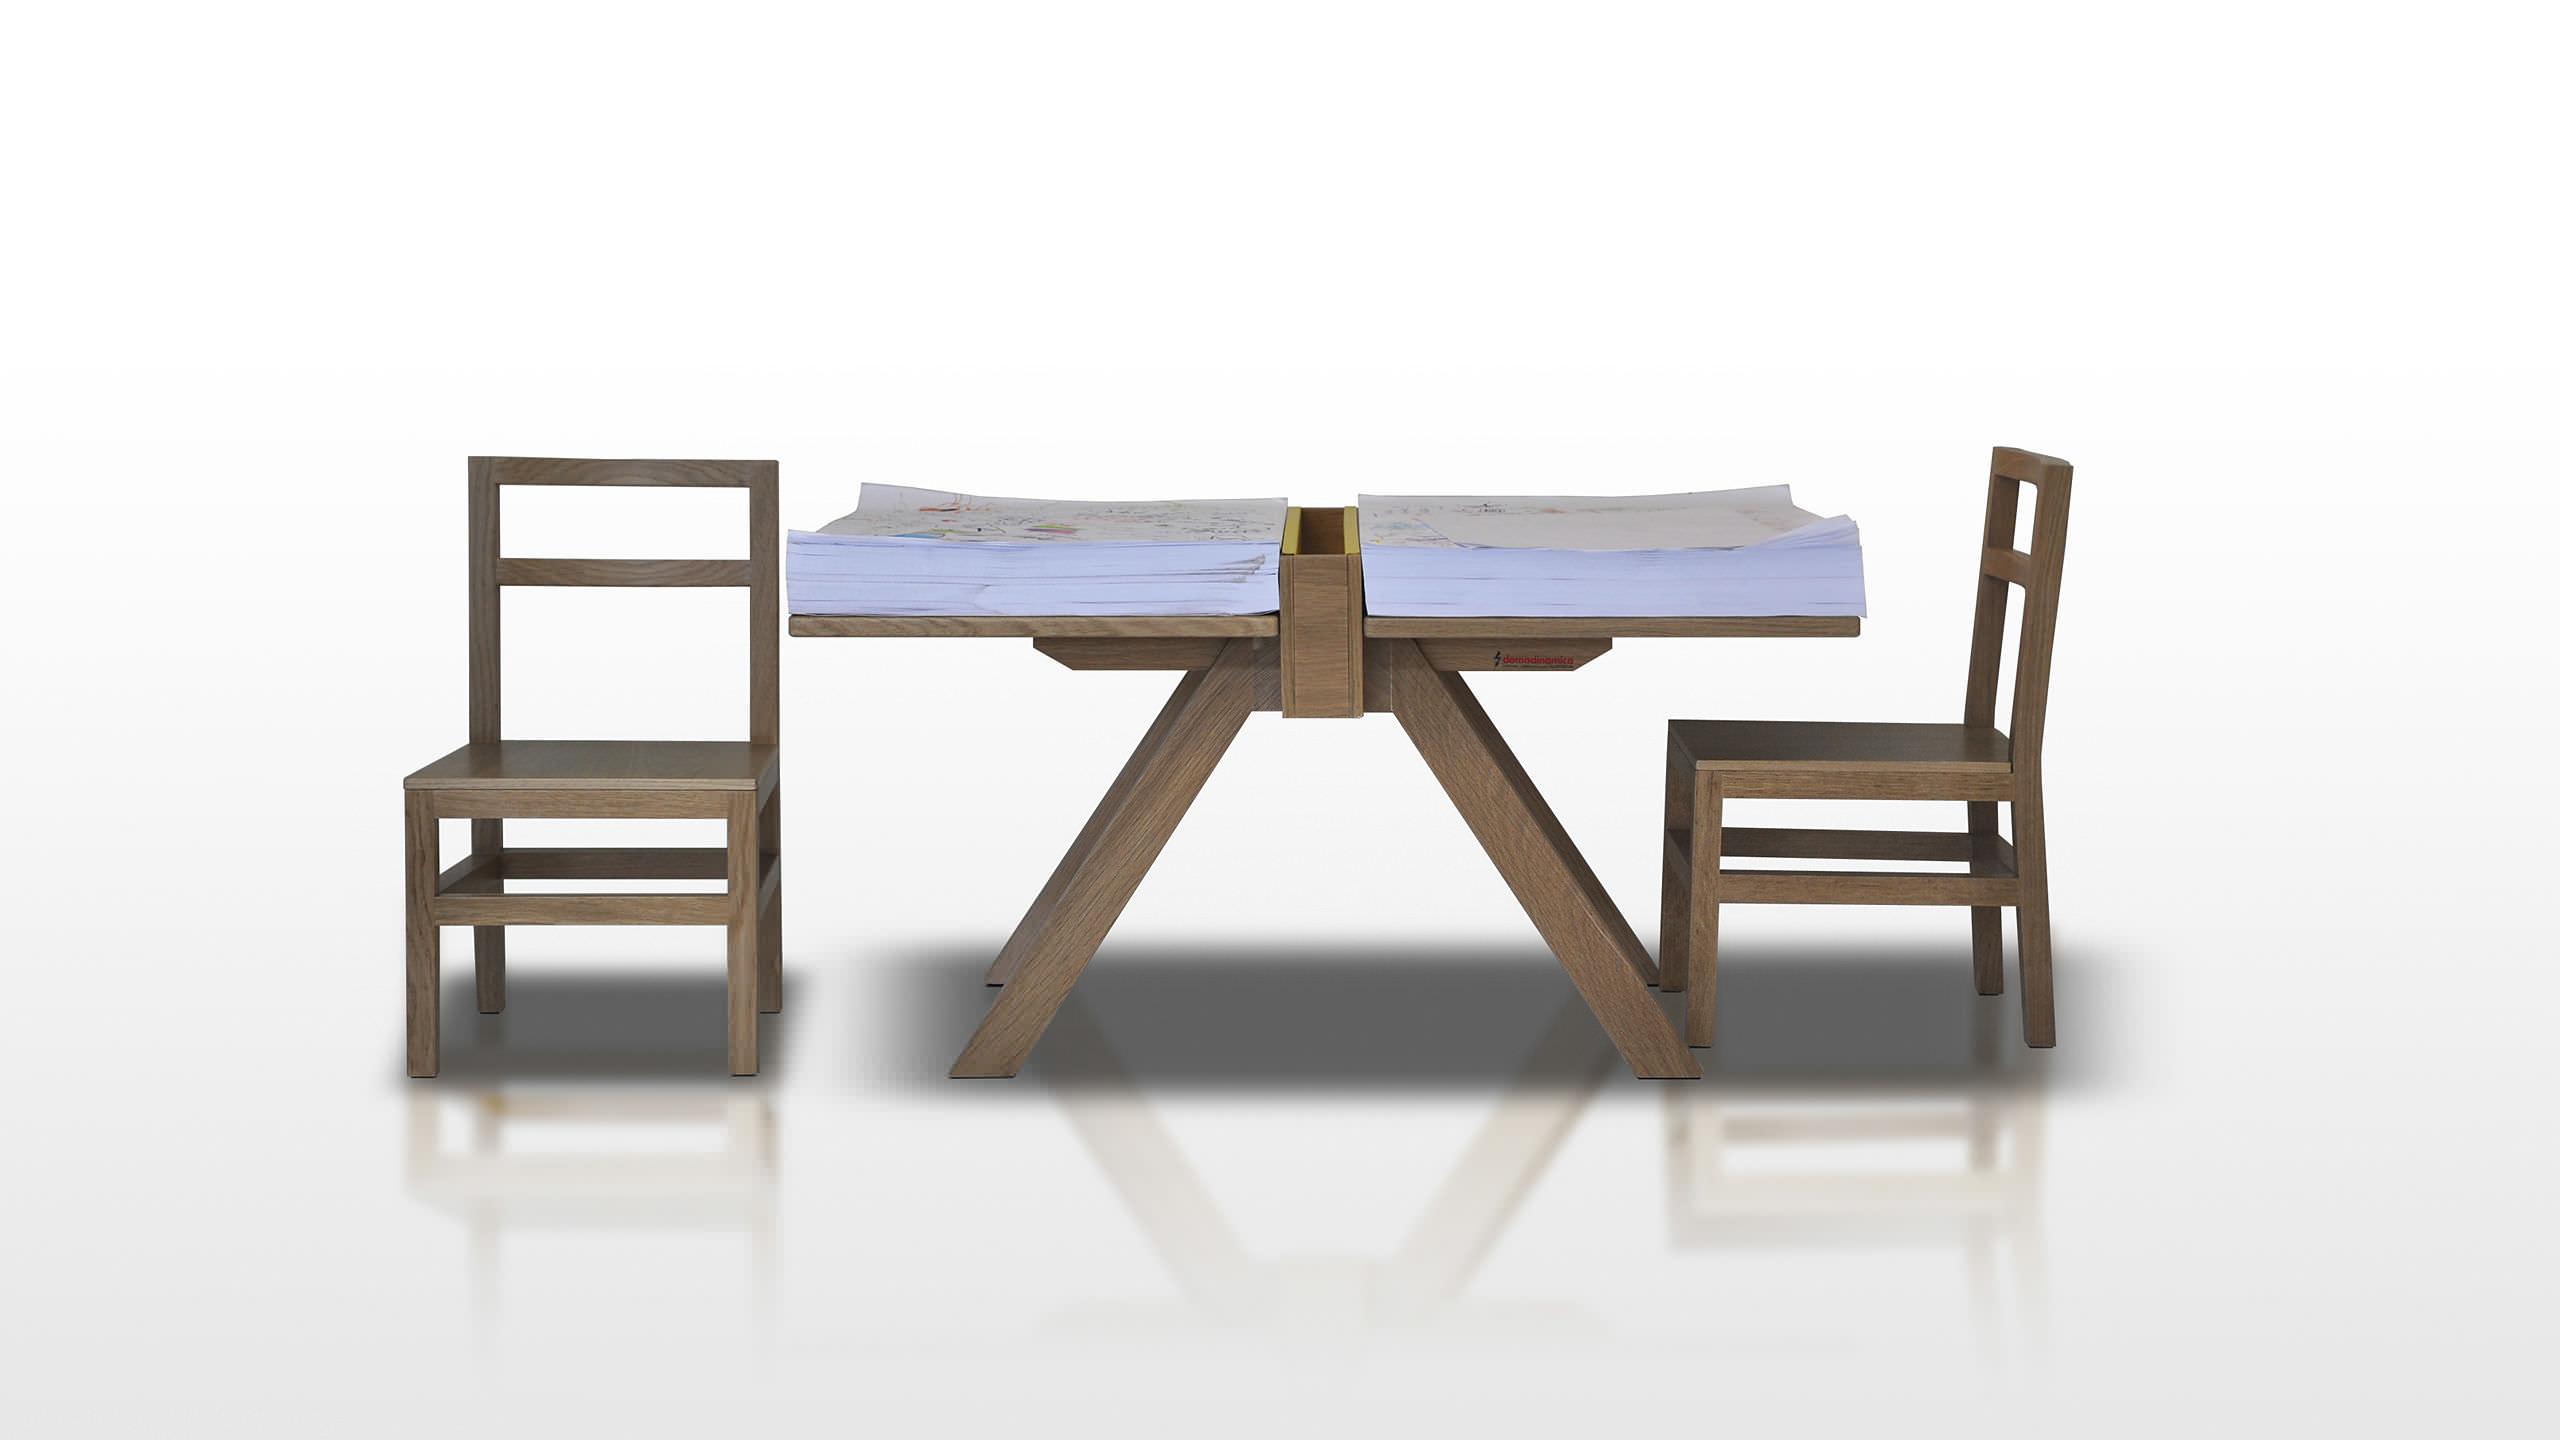 tavolo da disegno moderno / in legno massiccio / rettangolare ... - Tavolo Da Disegno Per Bambini